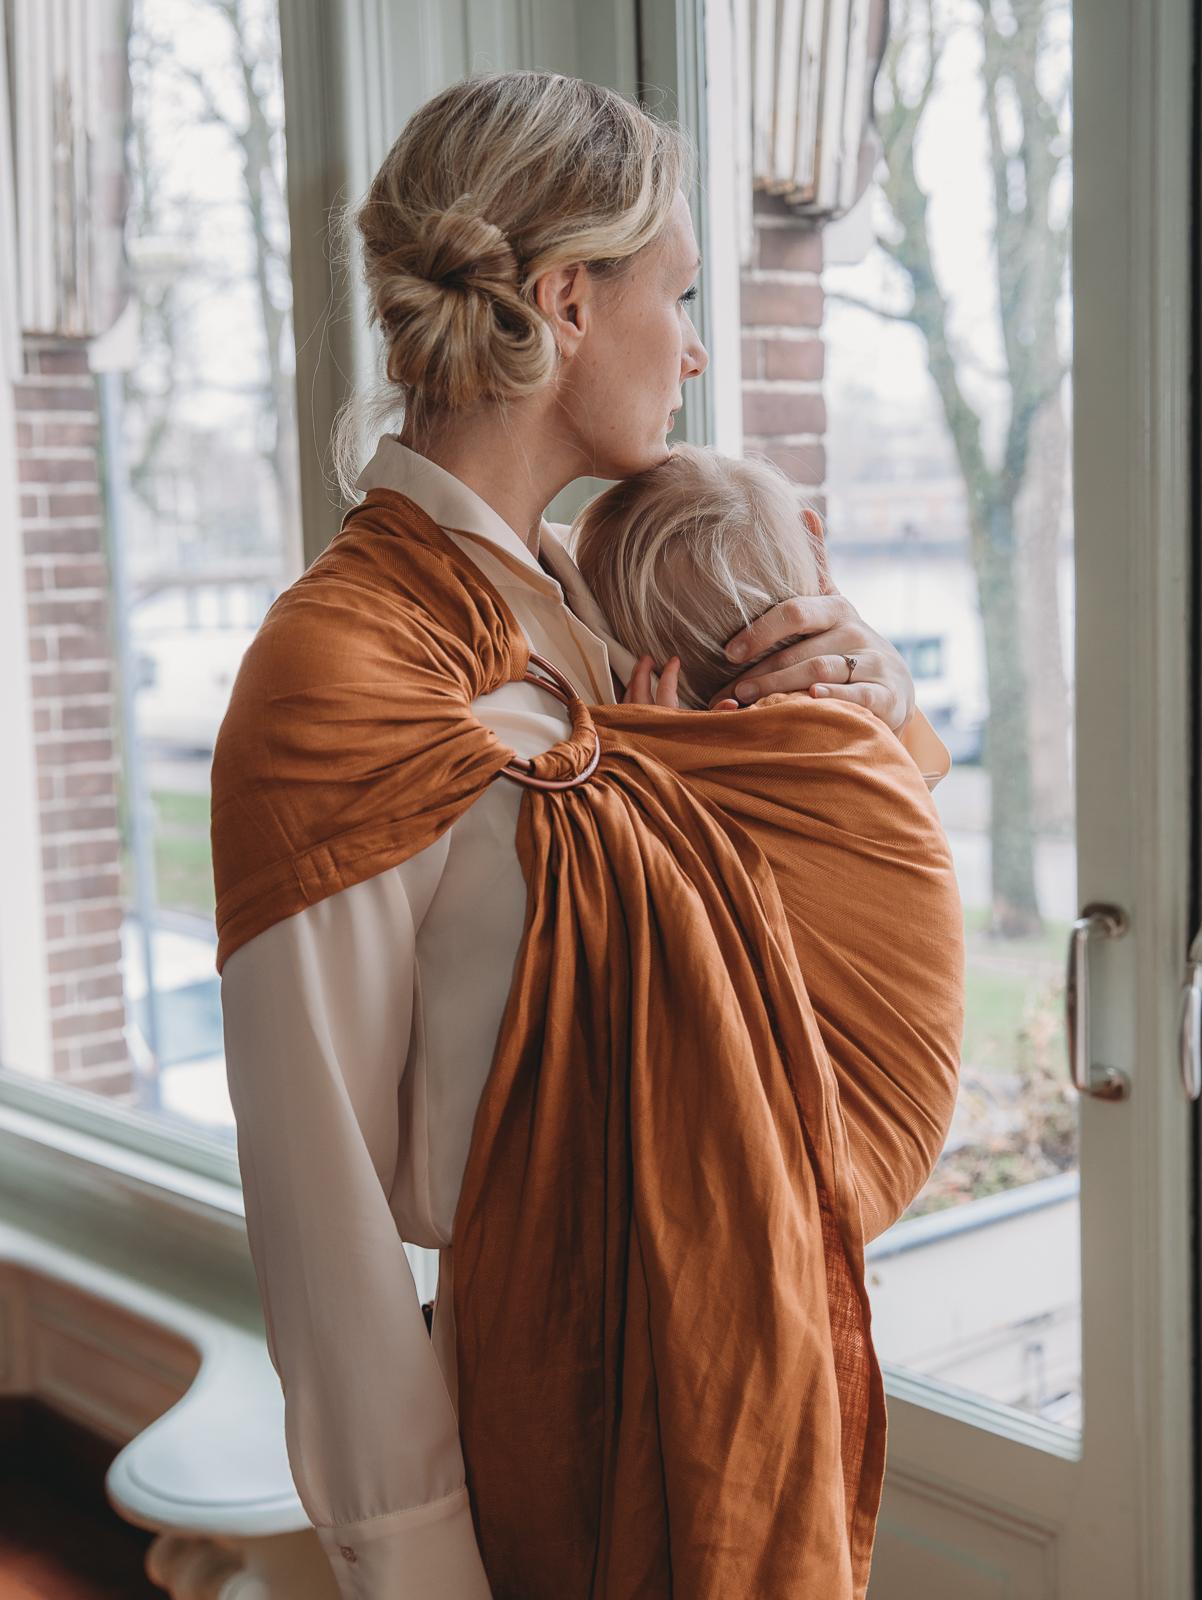 c6b85e8191e0 porter facilement son bébé en echarpe de portage · joli sling en lin  couleur camel